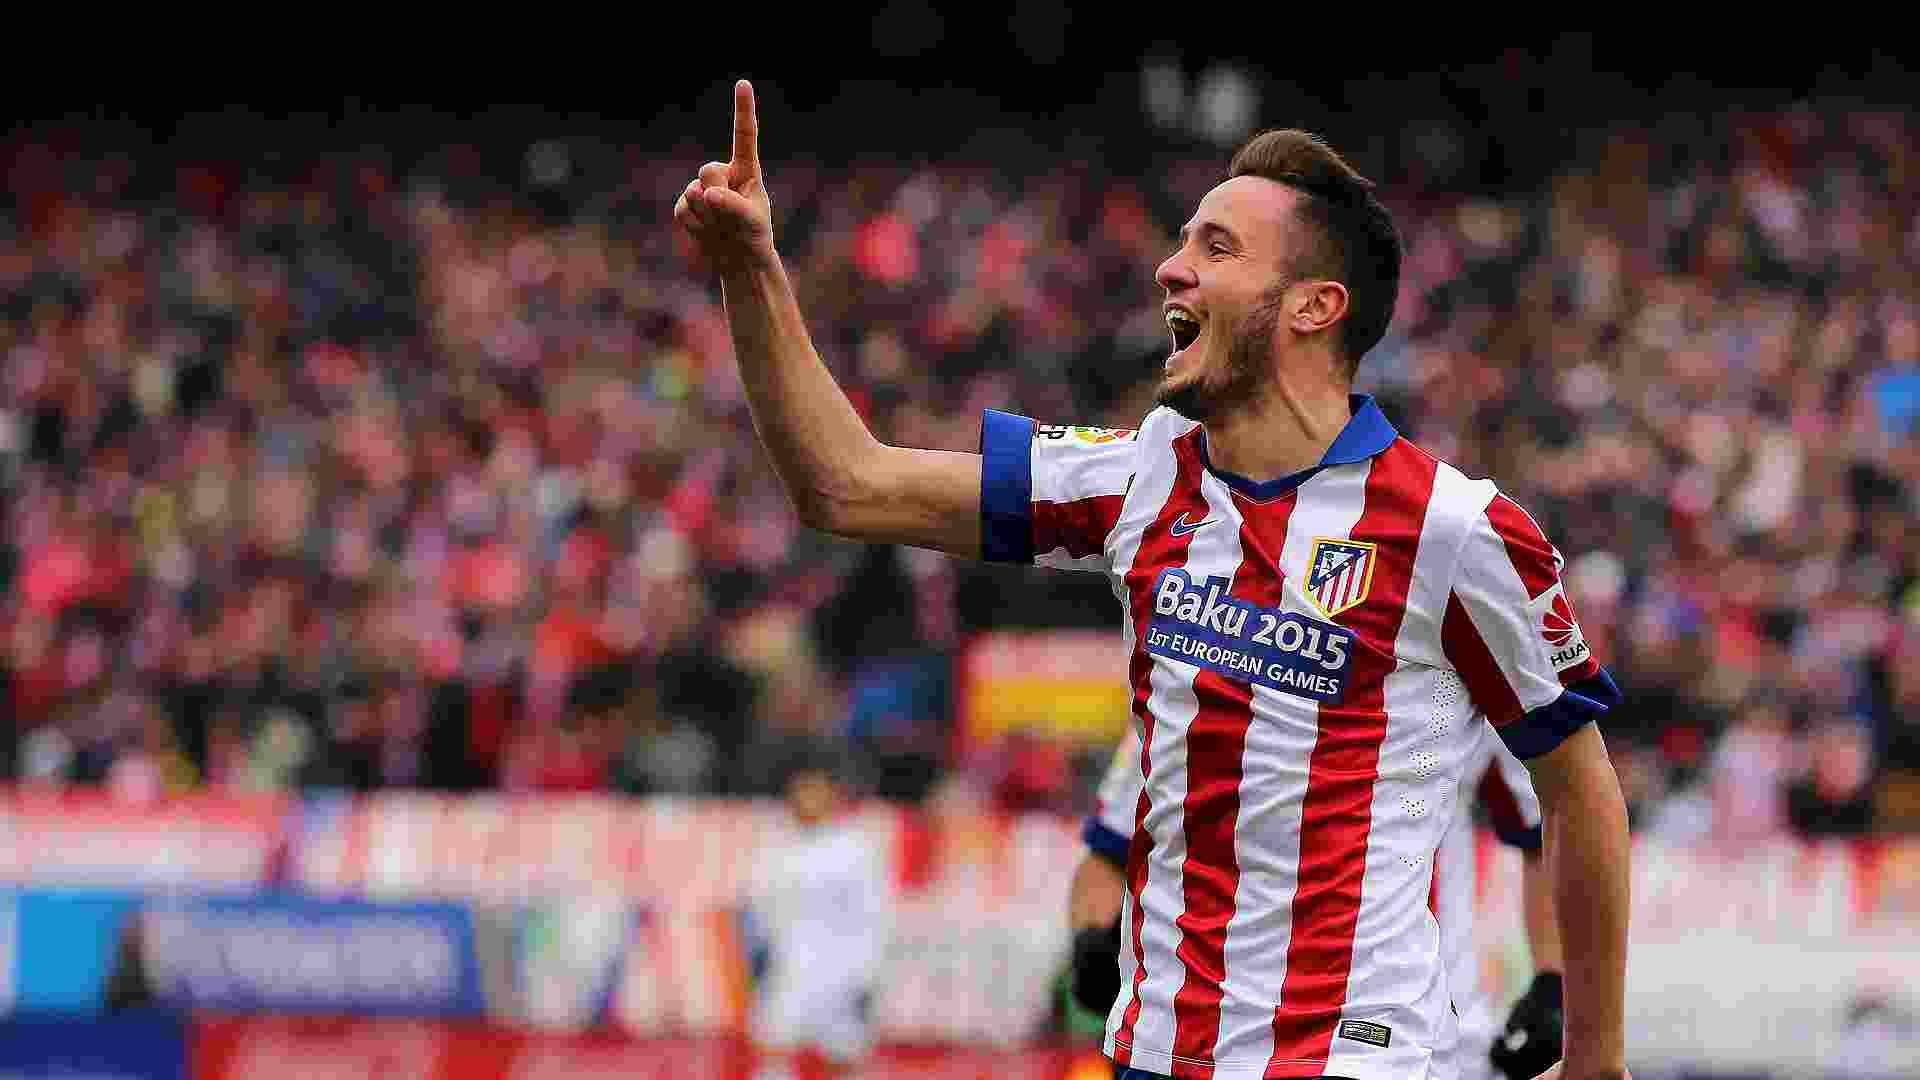 Saul Niguez, Gelandang Atletico yang Ditawar Rp1,2 Triliun Oleh Real Madrid